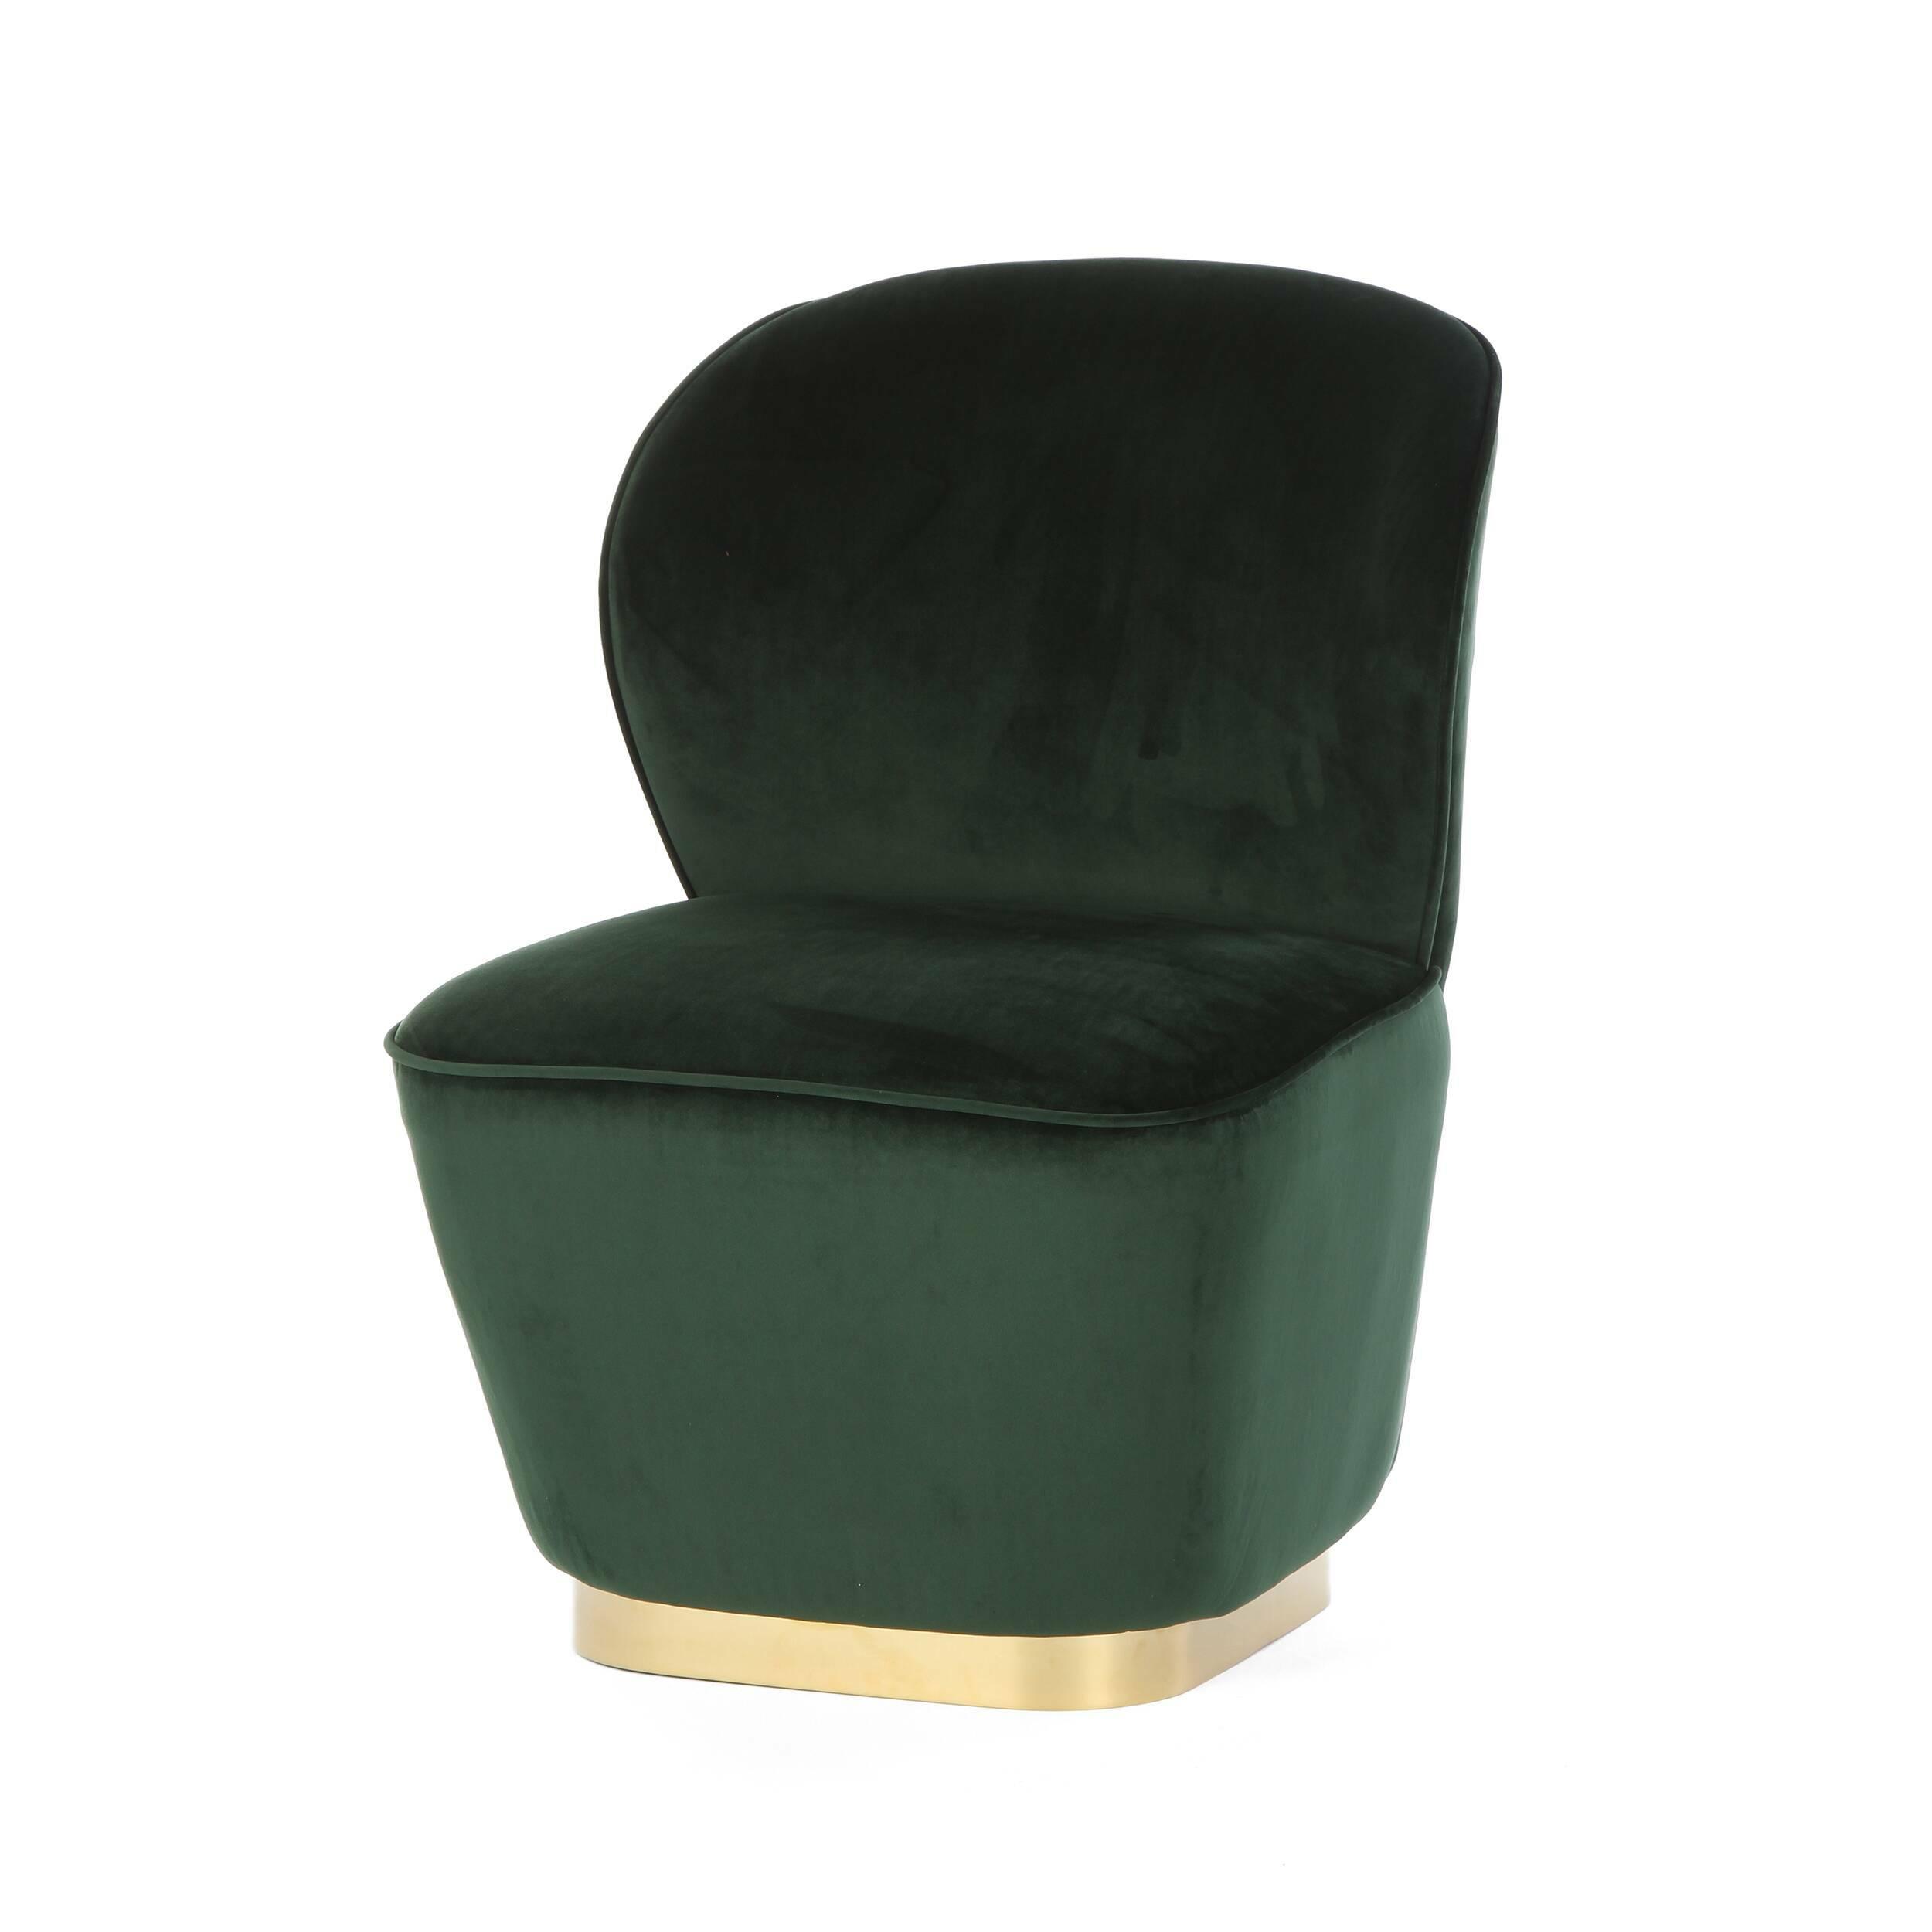 Кресло MilanИнтерьерные<br>Дизайнерское кресло Milan (Милан) – это компактное изделие в минималистичном стиле, которое легко заменит собой большое кресло или обычный стул. Модель обладает удобным сиденьем и анатомичной спинкой, которая поможет сохранить осанку и расслабиться. Отличный выбор для комфортного, здорового отдыха.<br><br><br> Обивка кресла изготавливается из ткани с применением самых современных технологий. Ткань прочная, мягкая и приятная на ощупь – как раз то, что нужно для уютного оформления домашних комна...<br><br>stock: 6<br>Высота: 85<br>Ширина: 86<br>Глубина: 62<br>Тип материала обивки: Ткань